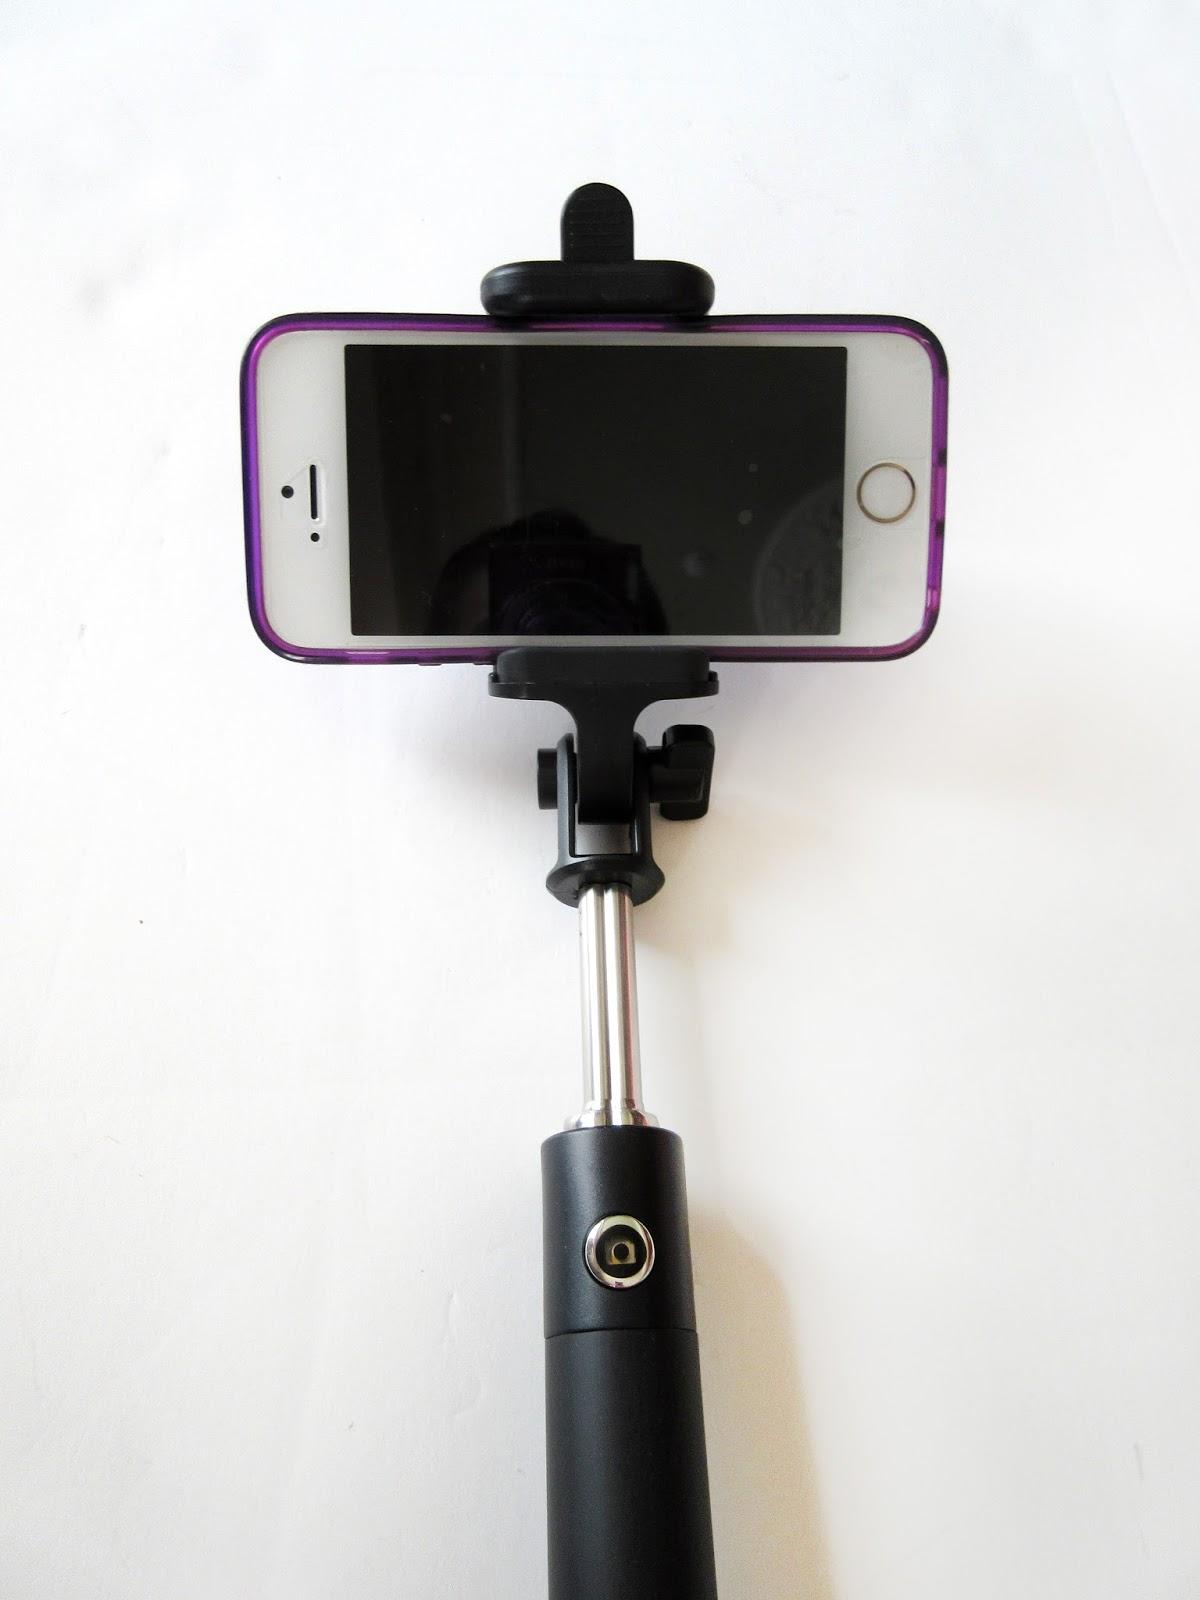 cafe craftea review gadget monkee selfie stick. Black Bedroom Furniture Sets. Home Design Ideas